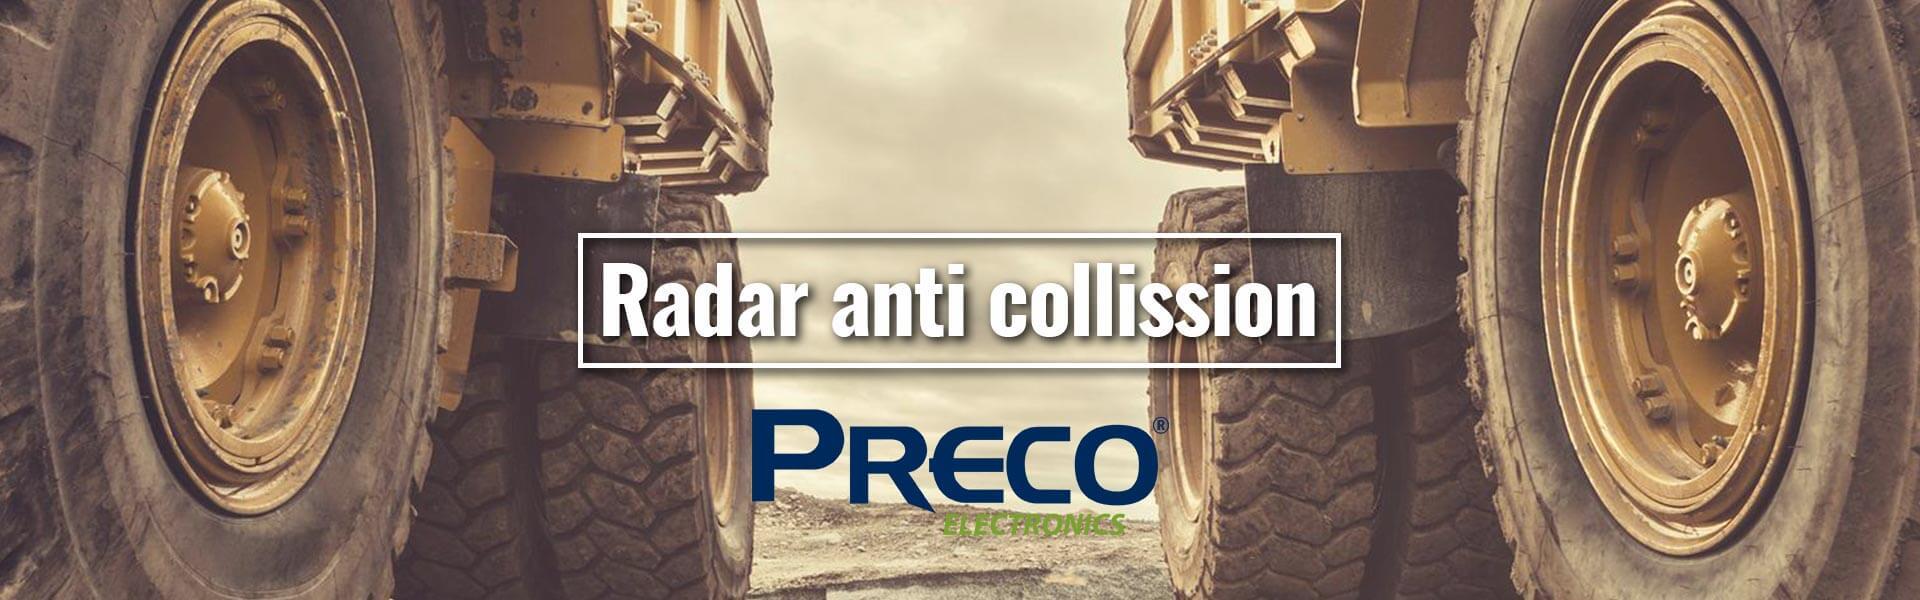 Preco anti collision